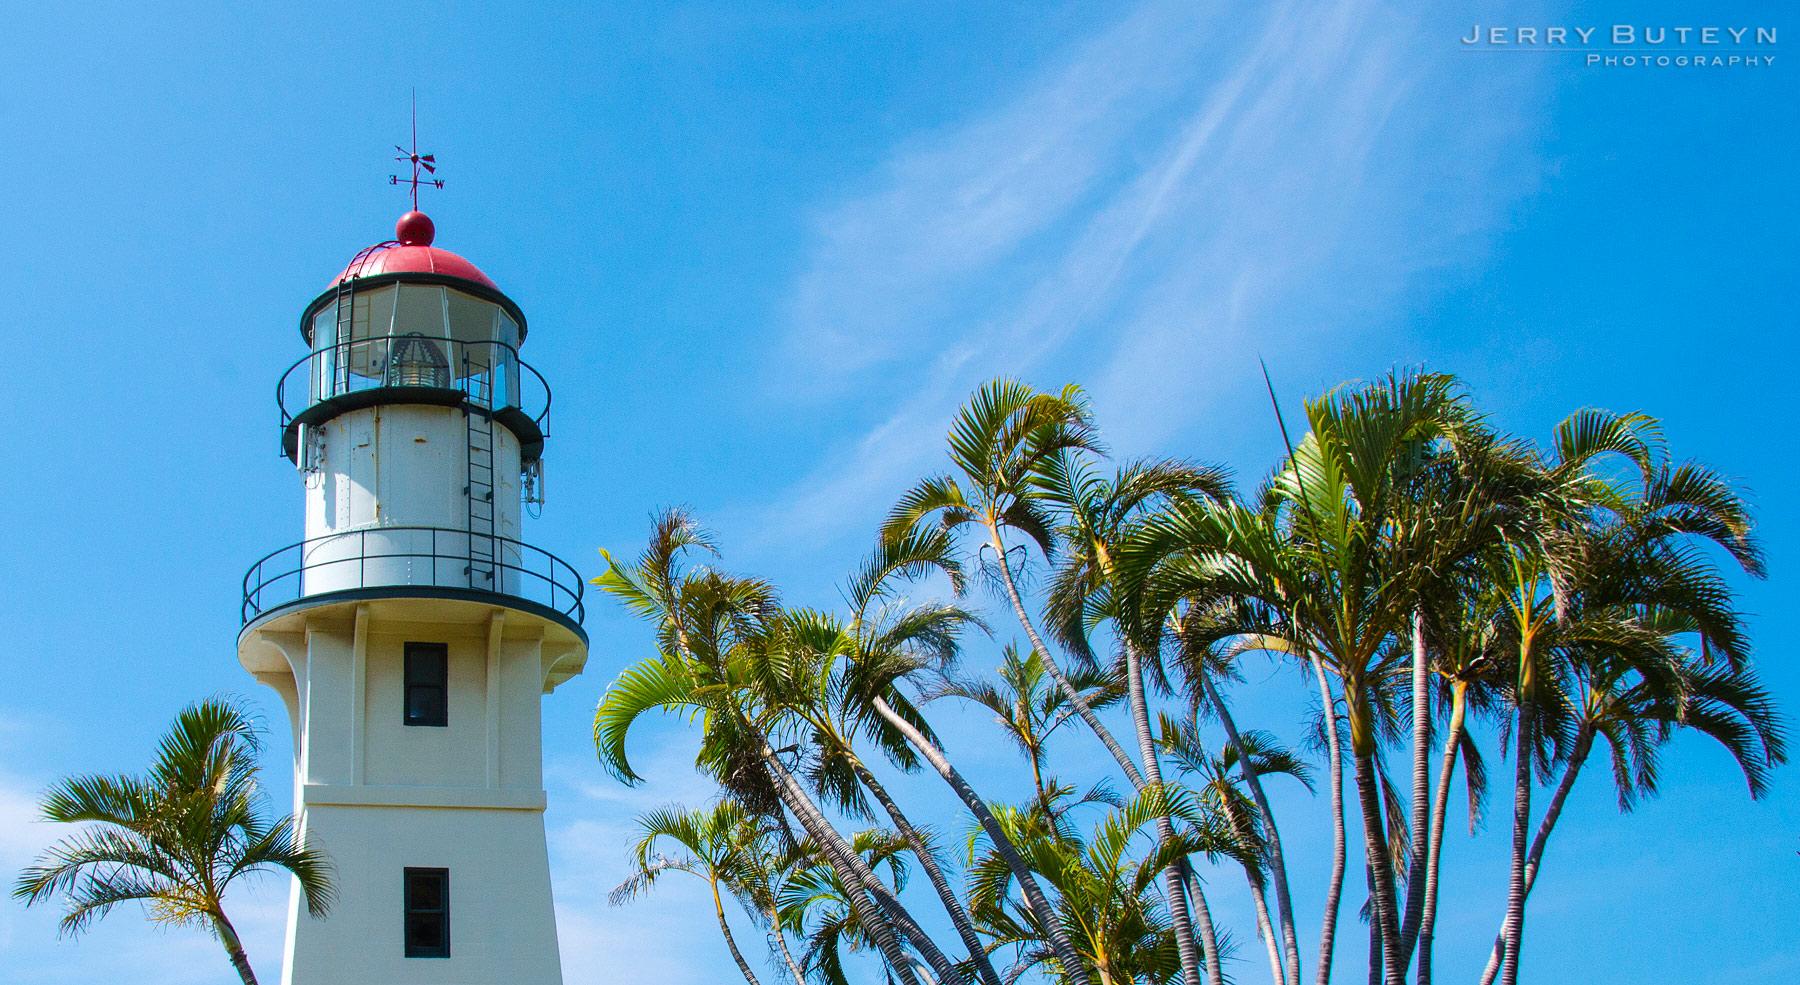 Hawaii02.jpg